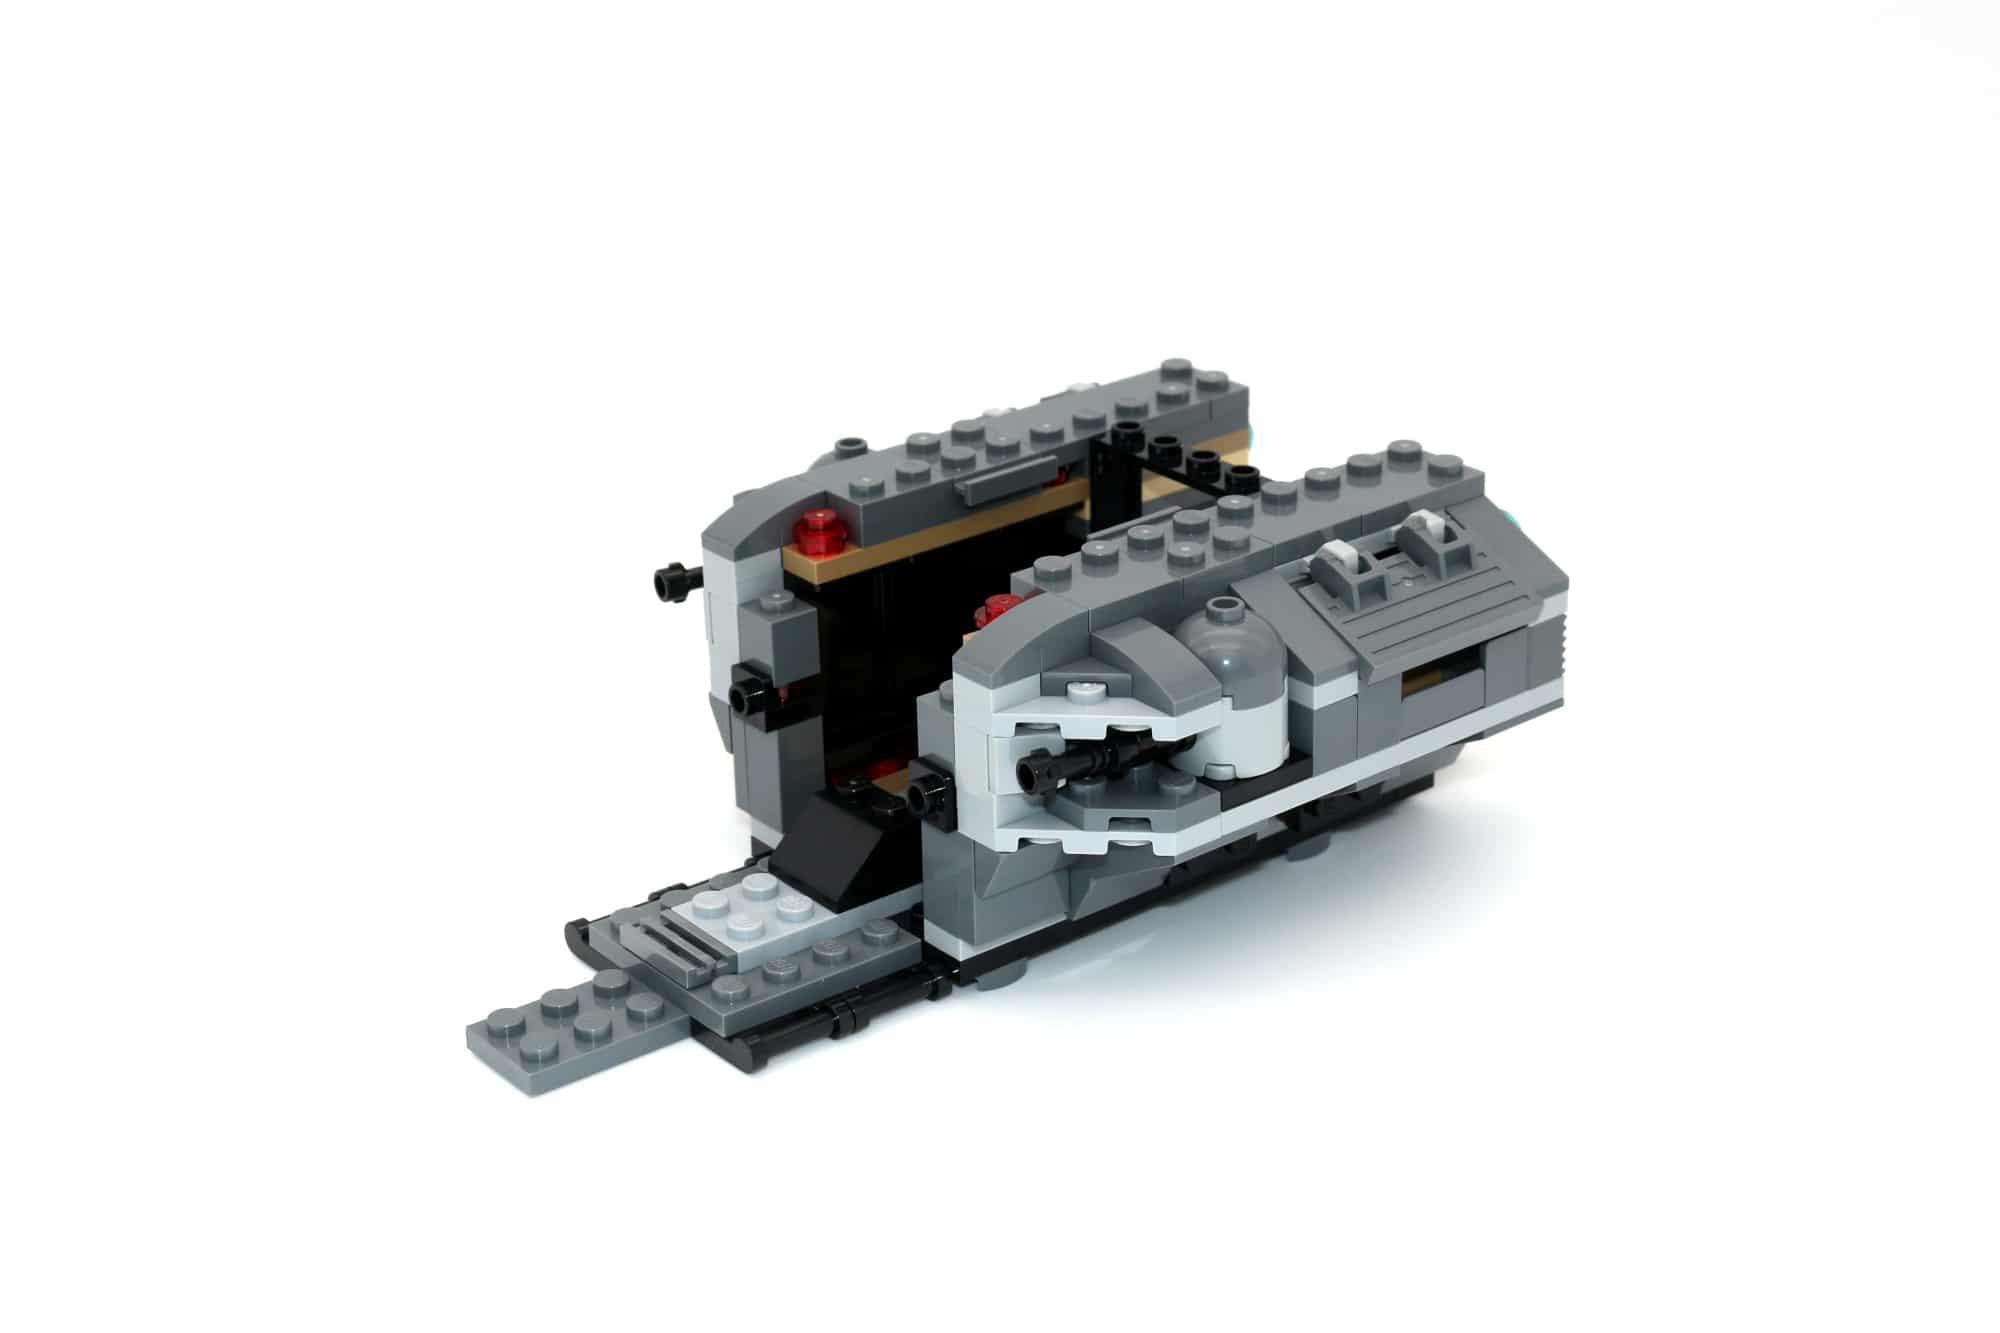 LEGO Star Wars 75311 Imperial Marauder 19